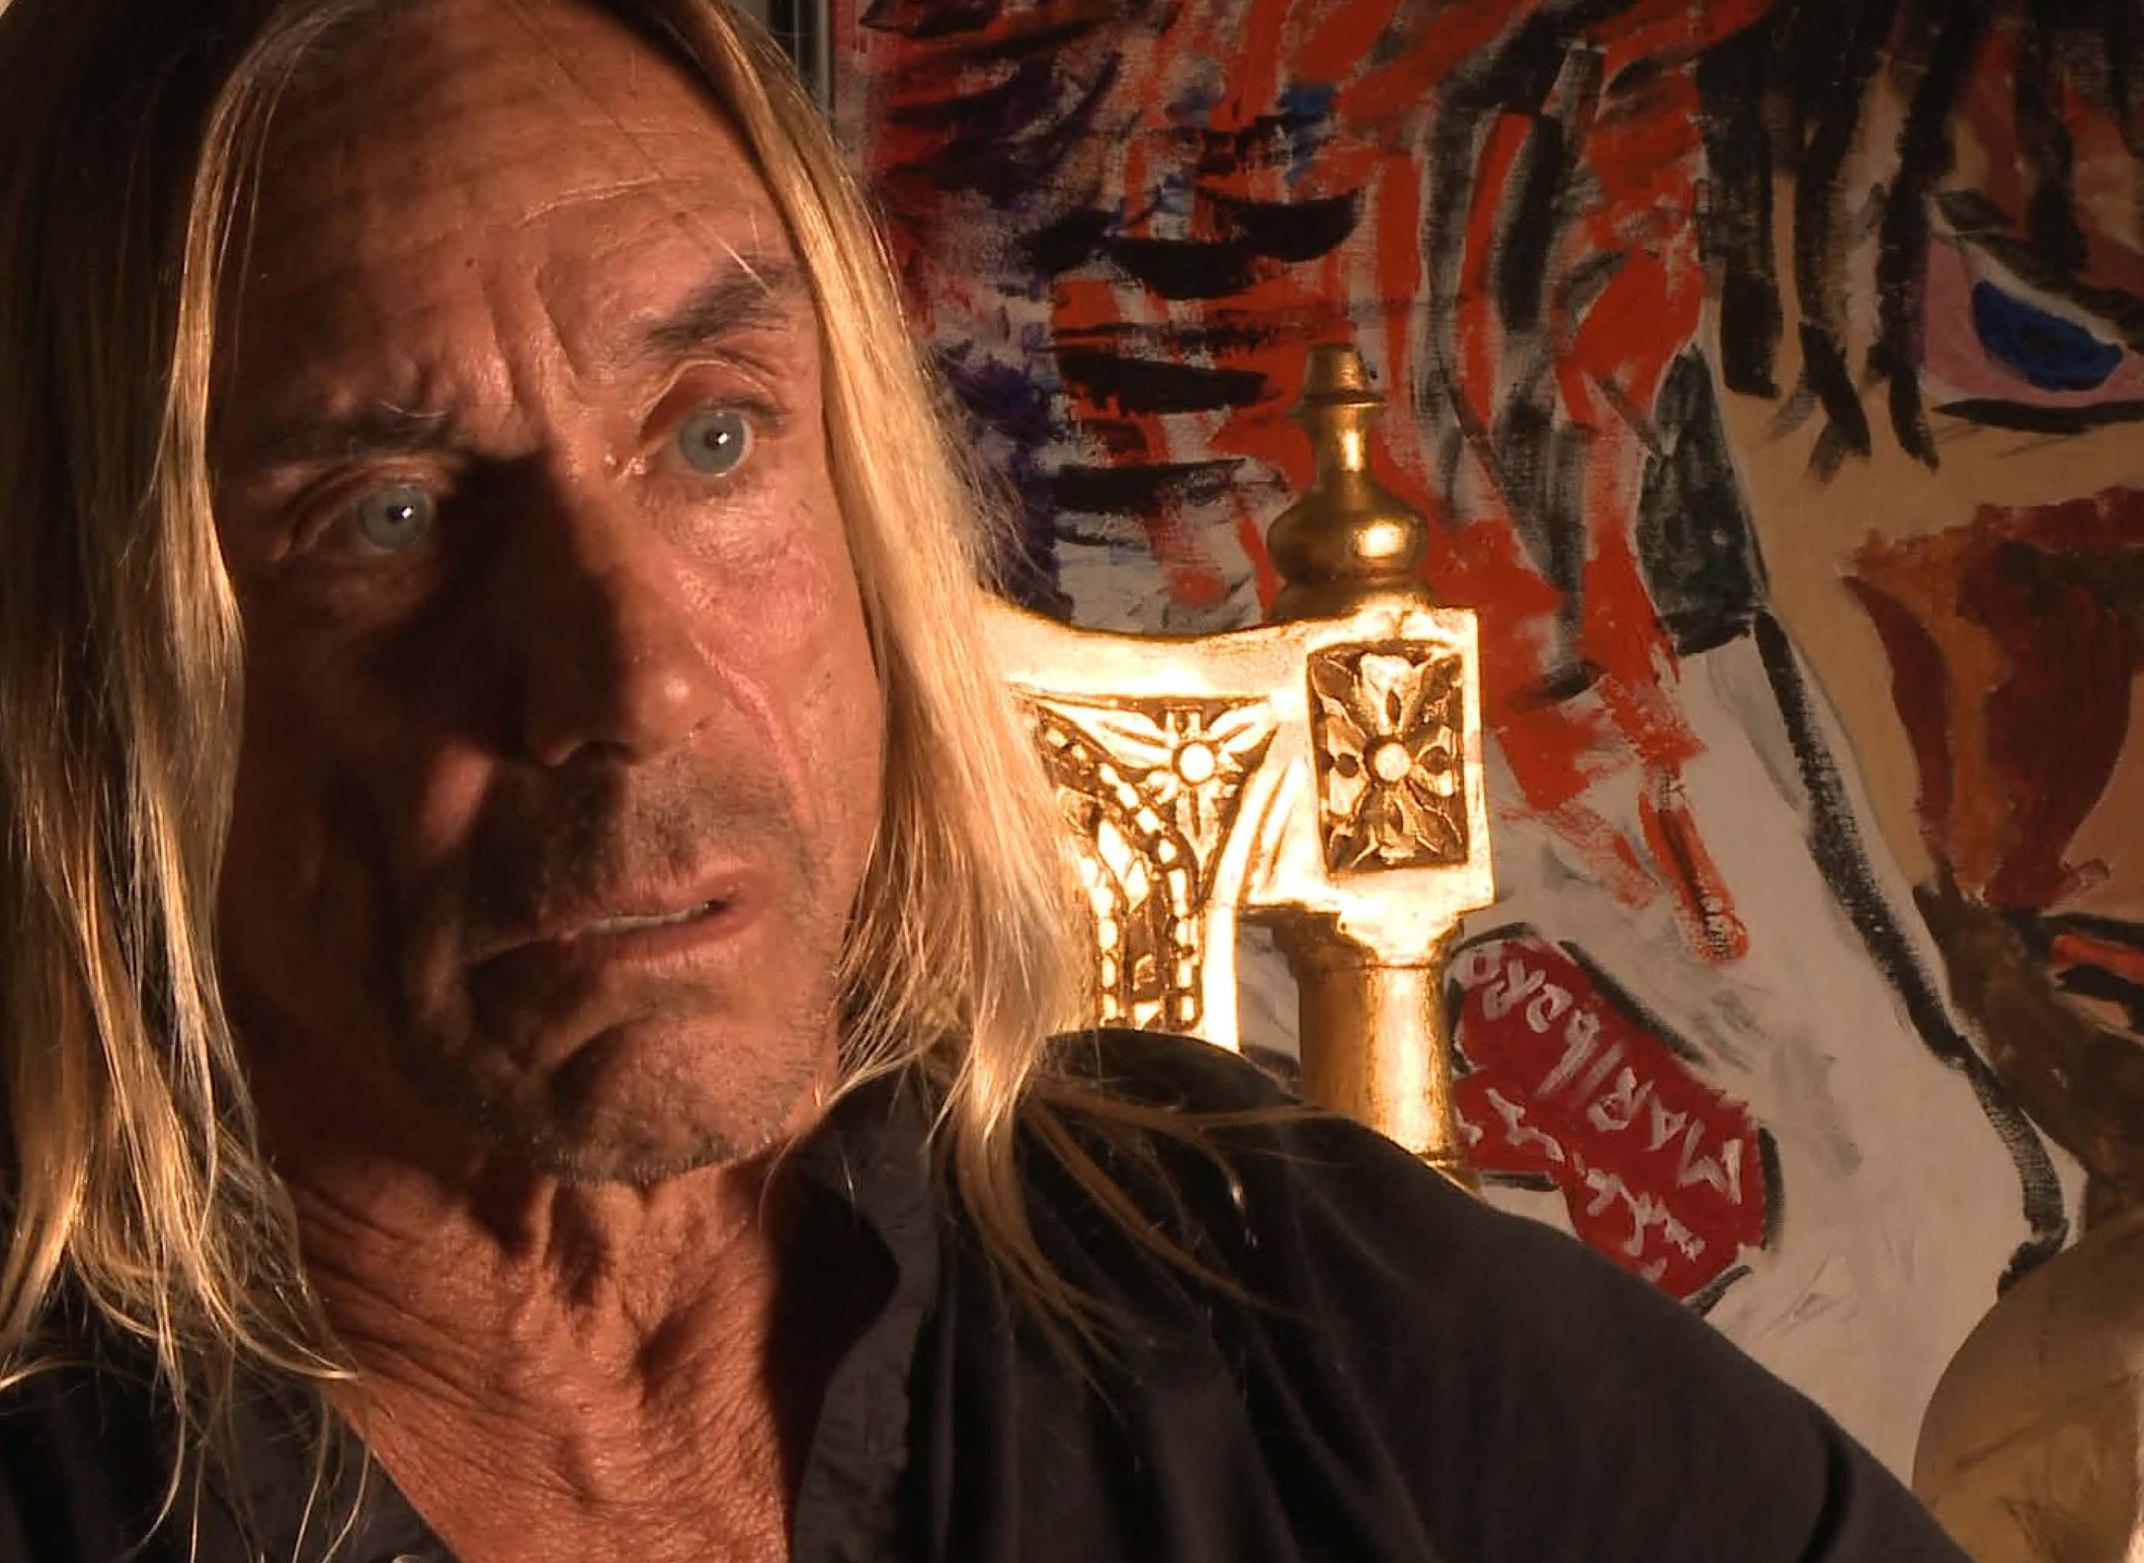 Η ταινία του Τζιμ Τζάρμους «Gimme Danger» ξεδιπλώνει την ιστορία των The Stooges